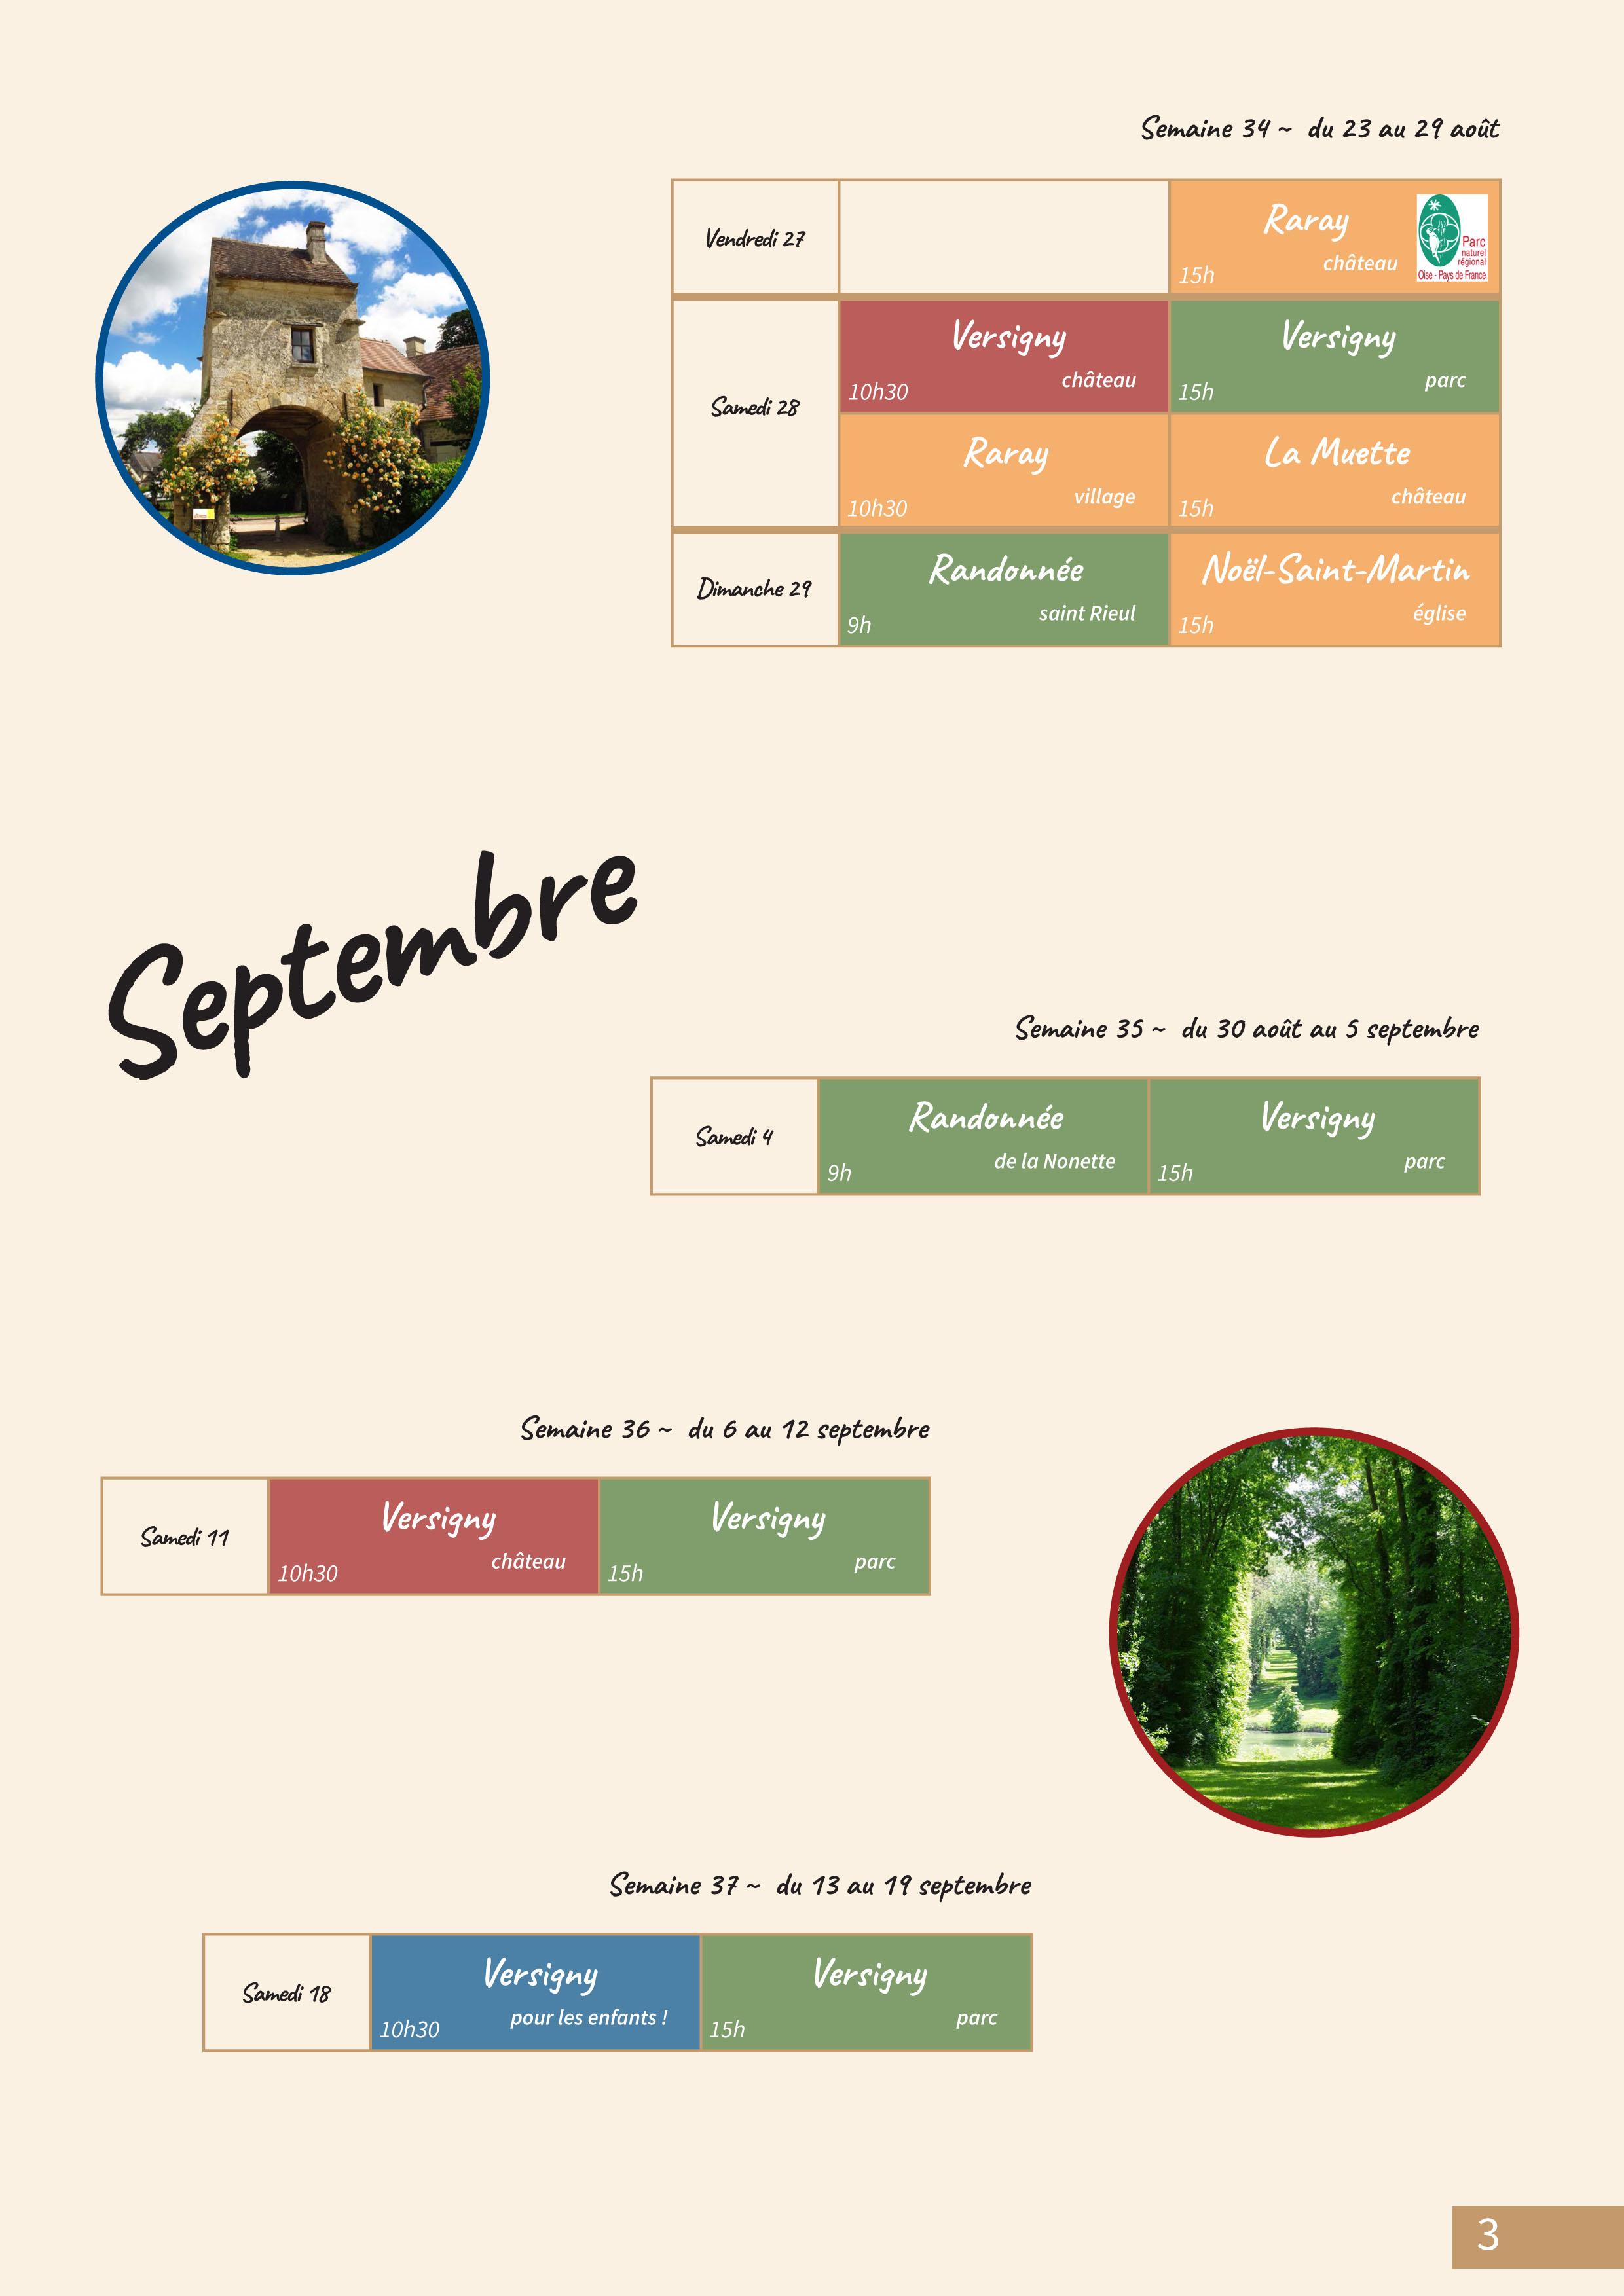 Aquilon-calendrier-estival-2021-4.jpg